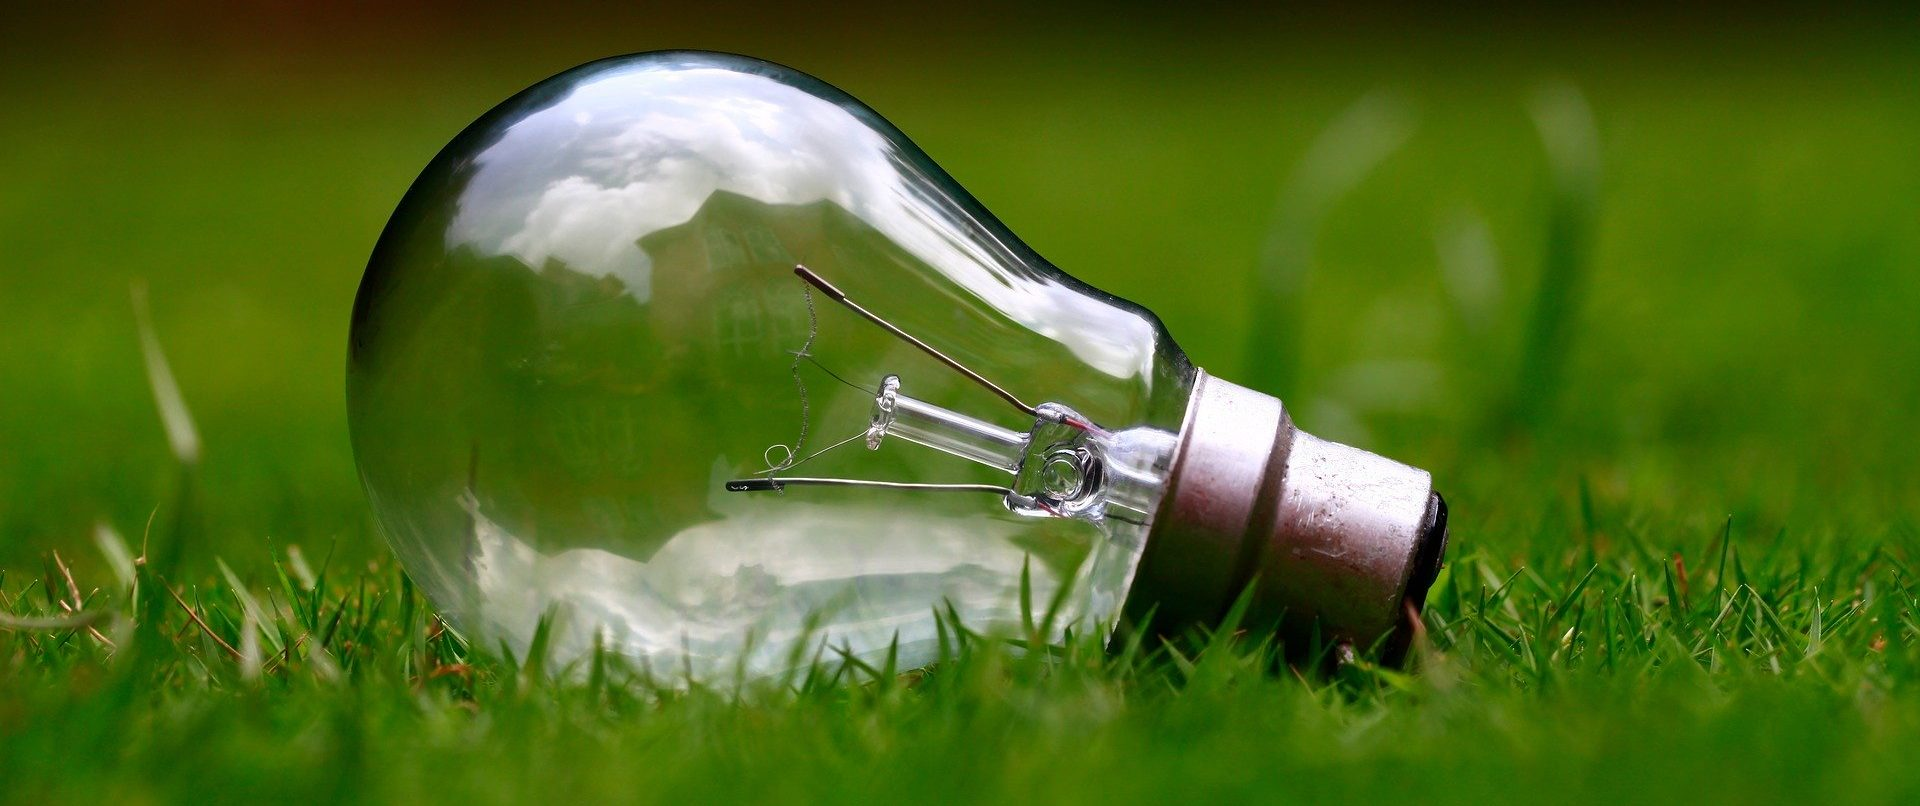 light-bulb-984551_1920